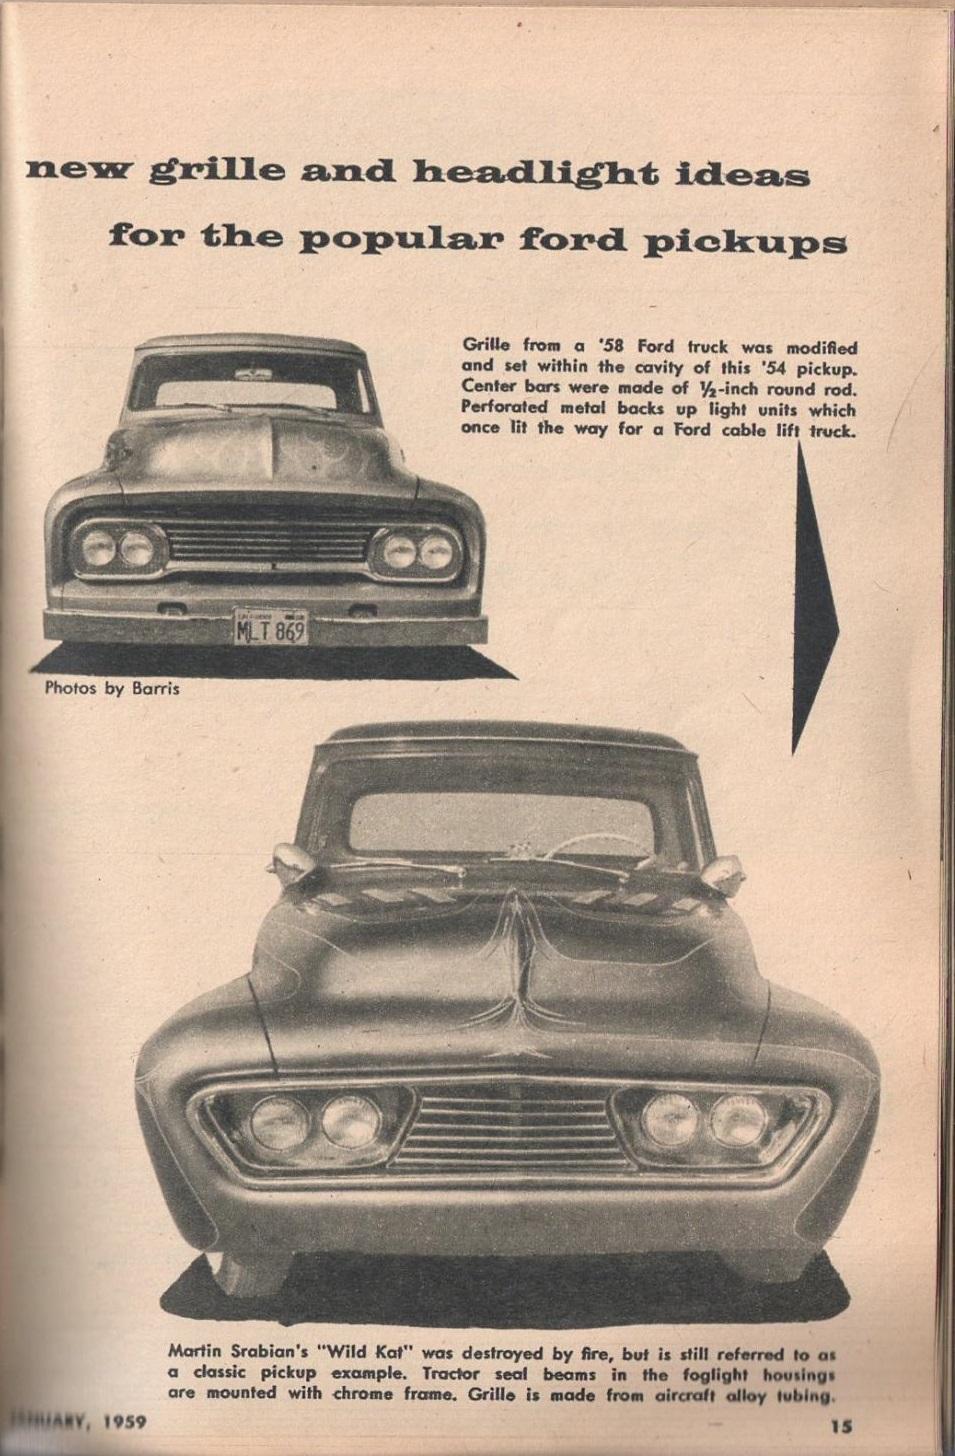 Rod et Custom - January 1959 - Tricks for Trucks - new ideas for pick up 1524